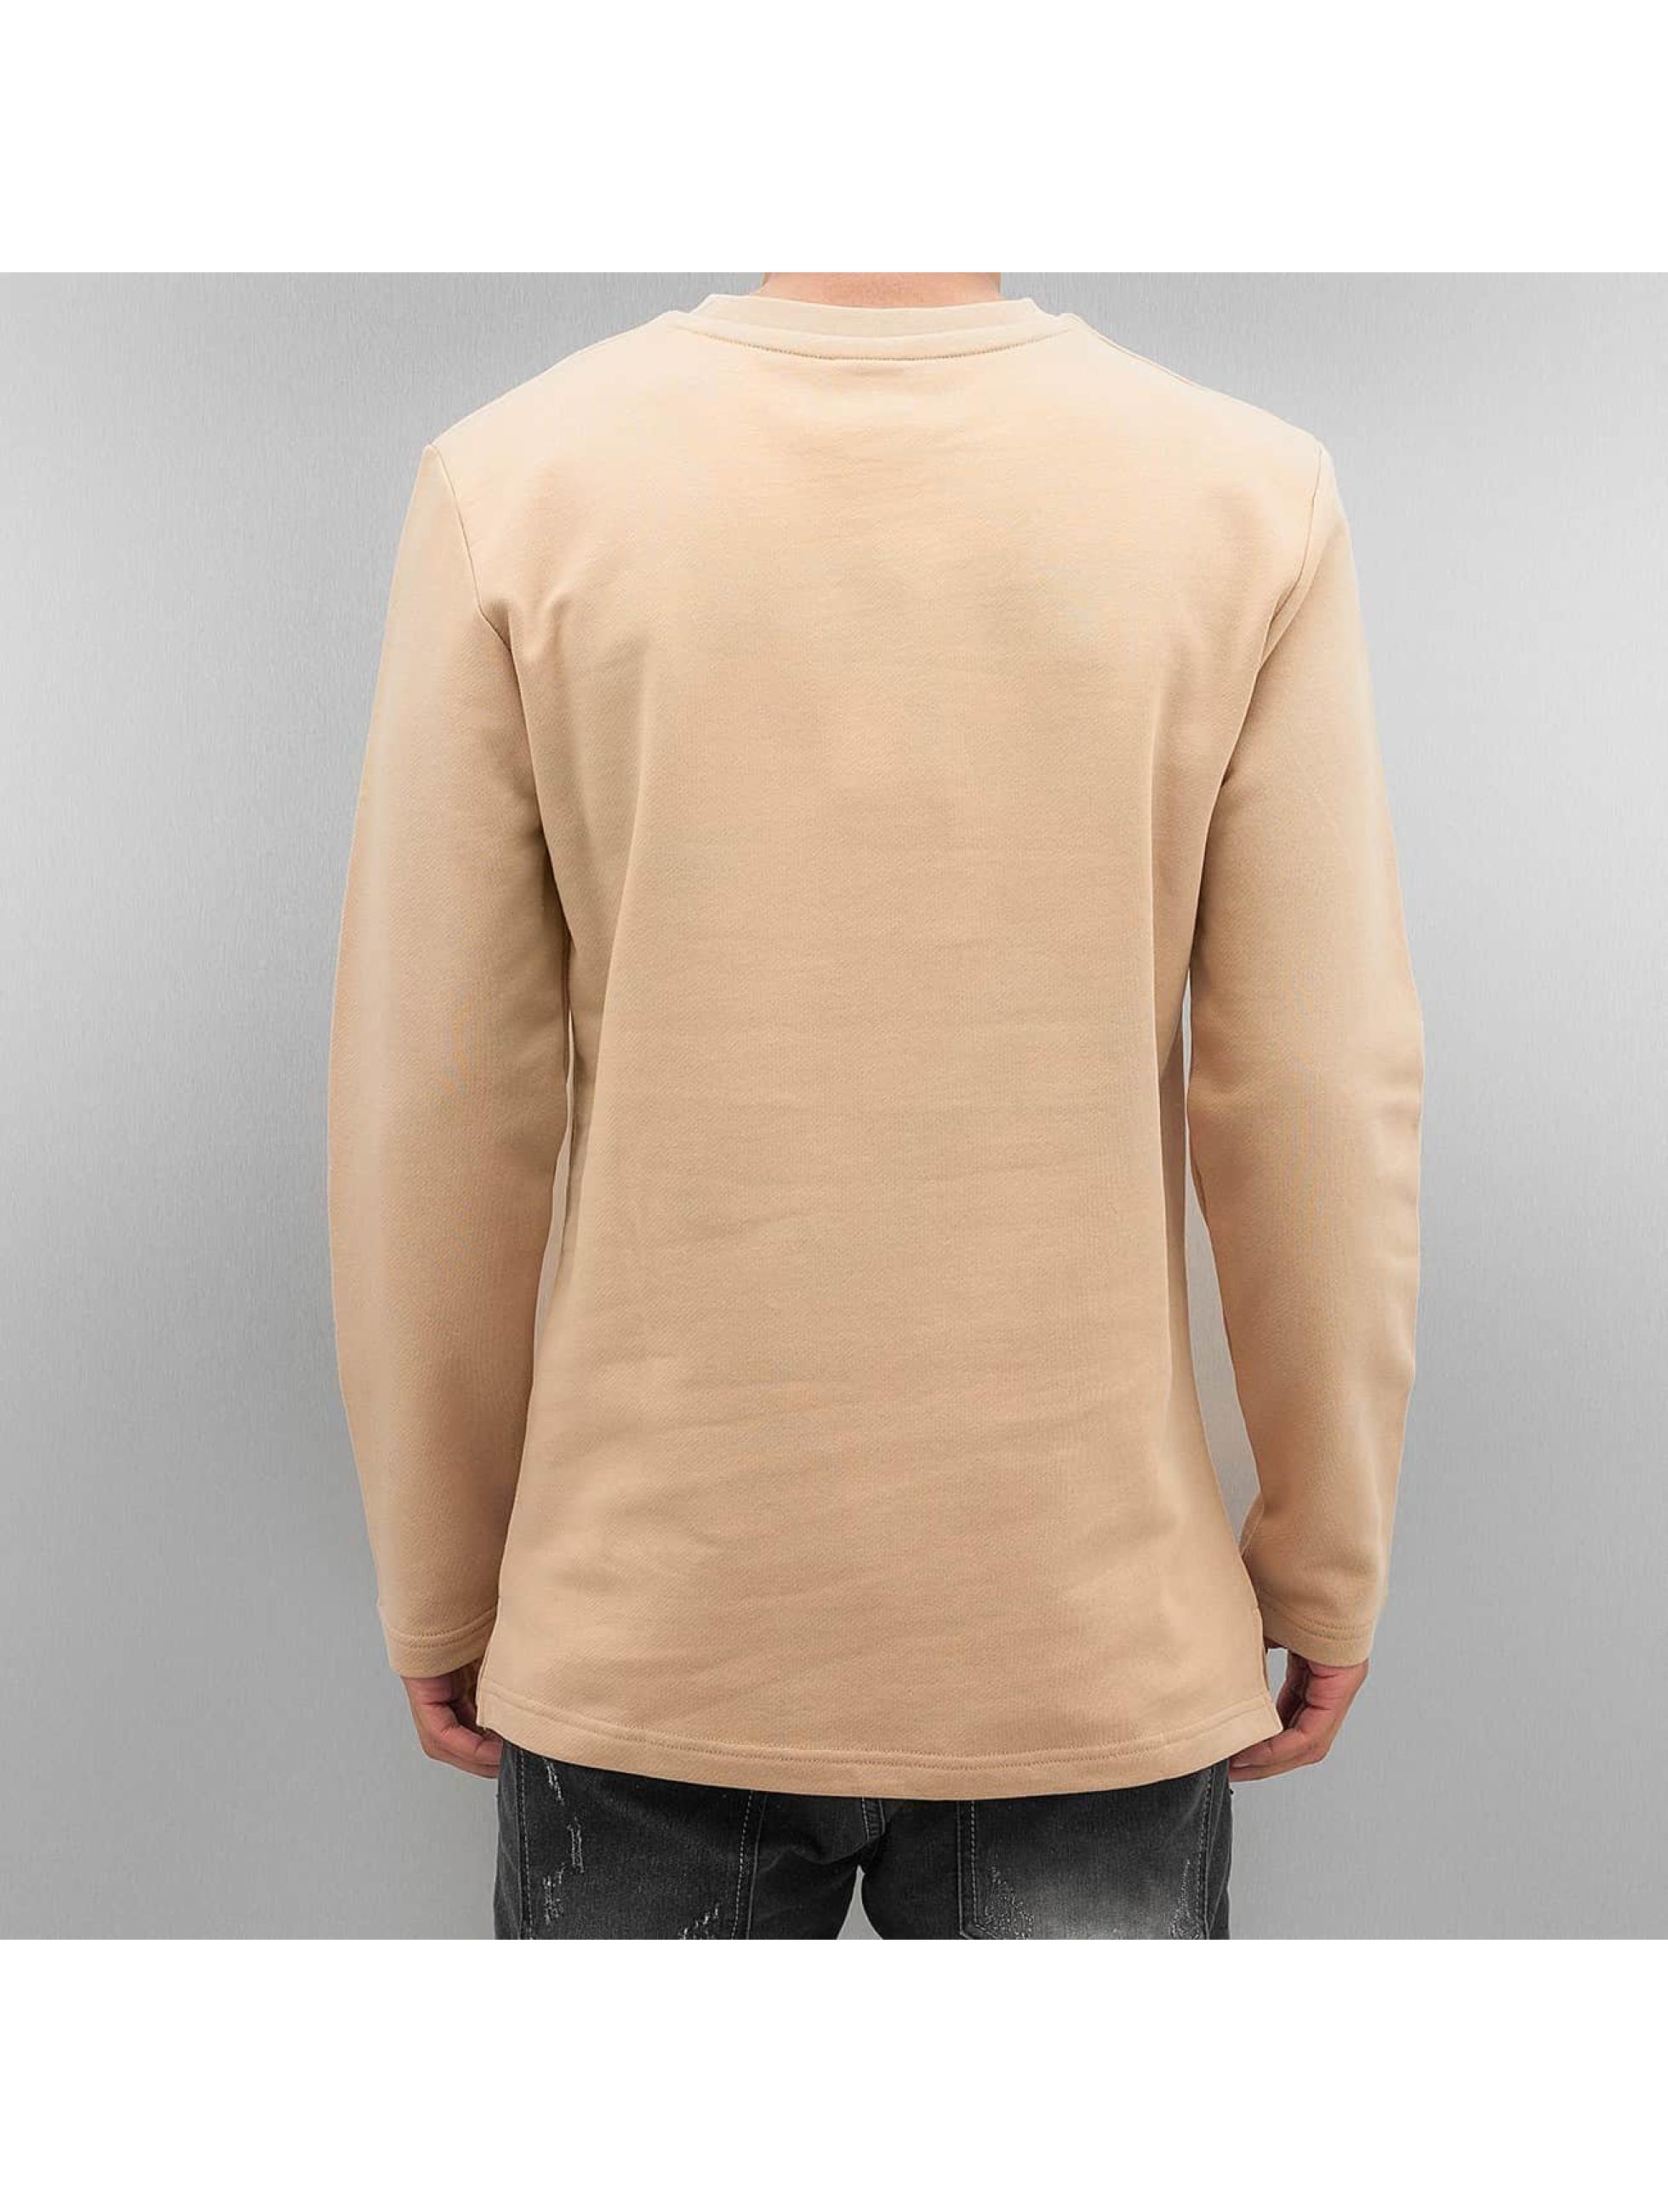 def herren pullover strapes in beige 339305. Black Bedroom Furniture Sets. Home Design Ideas